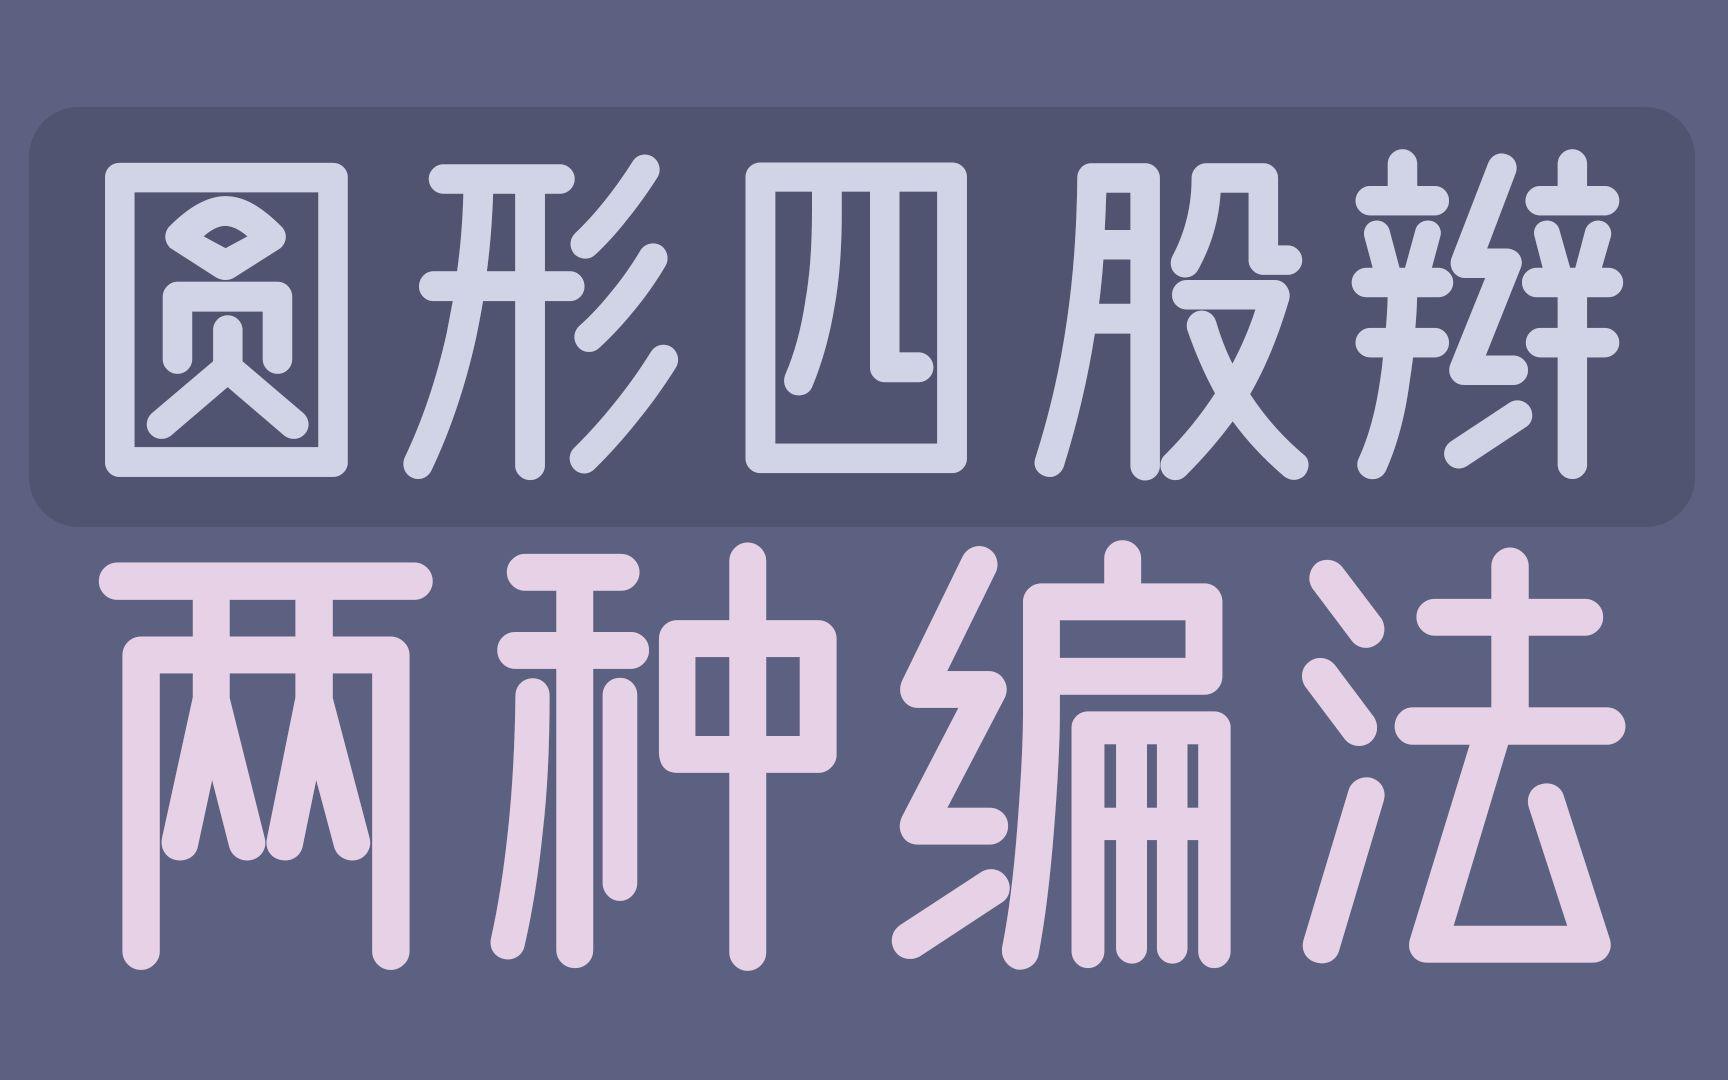 中国结论坛 圆形四股辫编法视频教程,两种编织方法教你如何编织 教程,鱼骨辫怎么编视频教程,藏辫的编发教程,圆辫,六股圆辫的编法图解法 视频教程区 093436lf0q3qry6v1c8frf